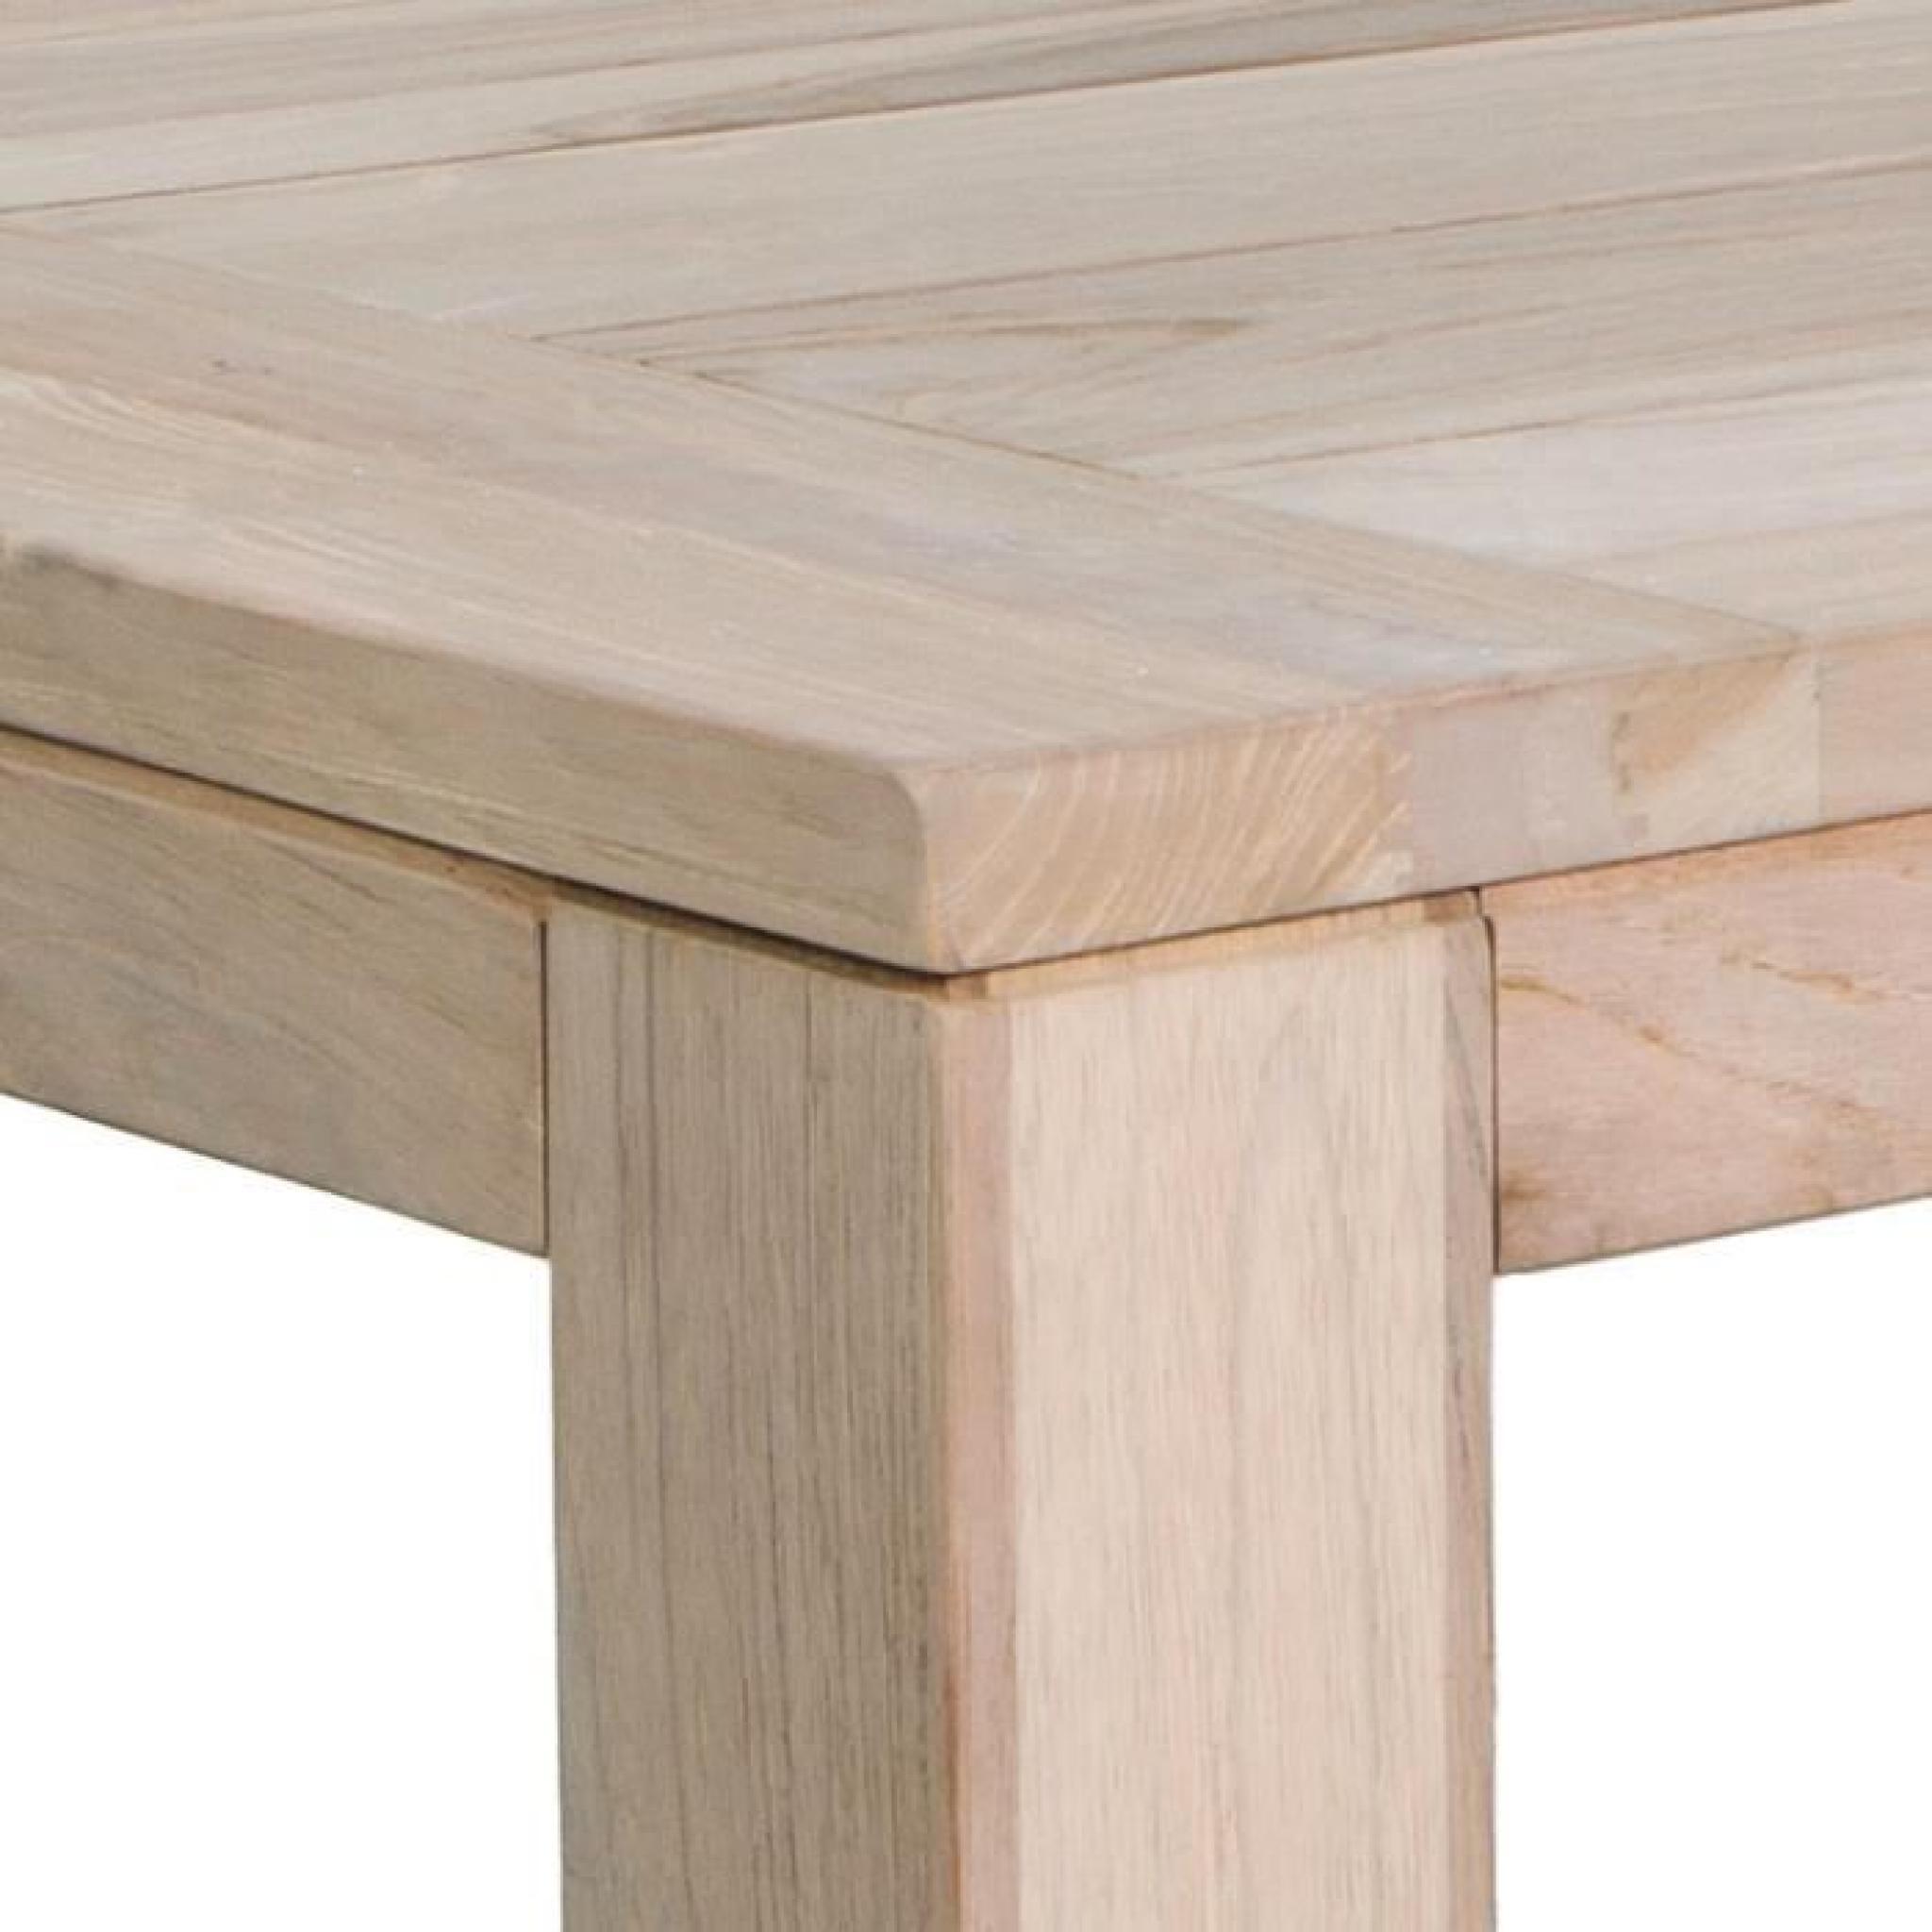 Table en teck massif recyclé 270 x 100 cm Oban - Achat/Vente table ...